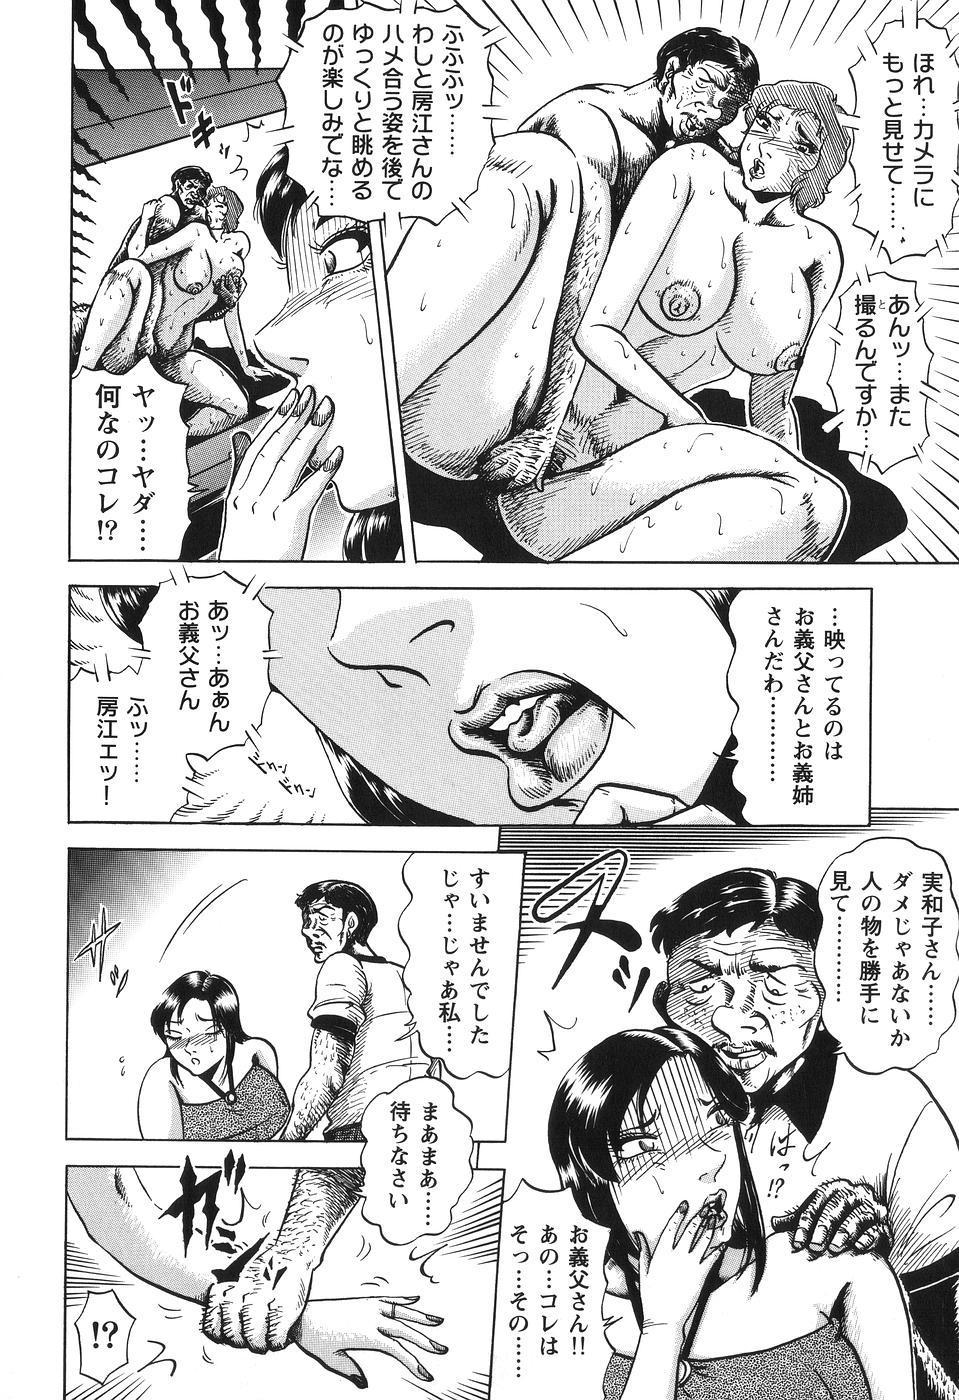 Jukubo Soukan Yosoji no Tawamure 57